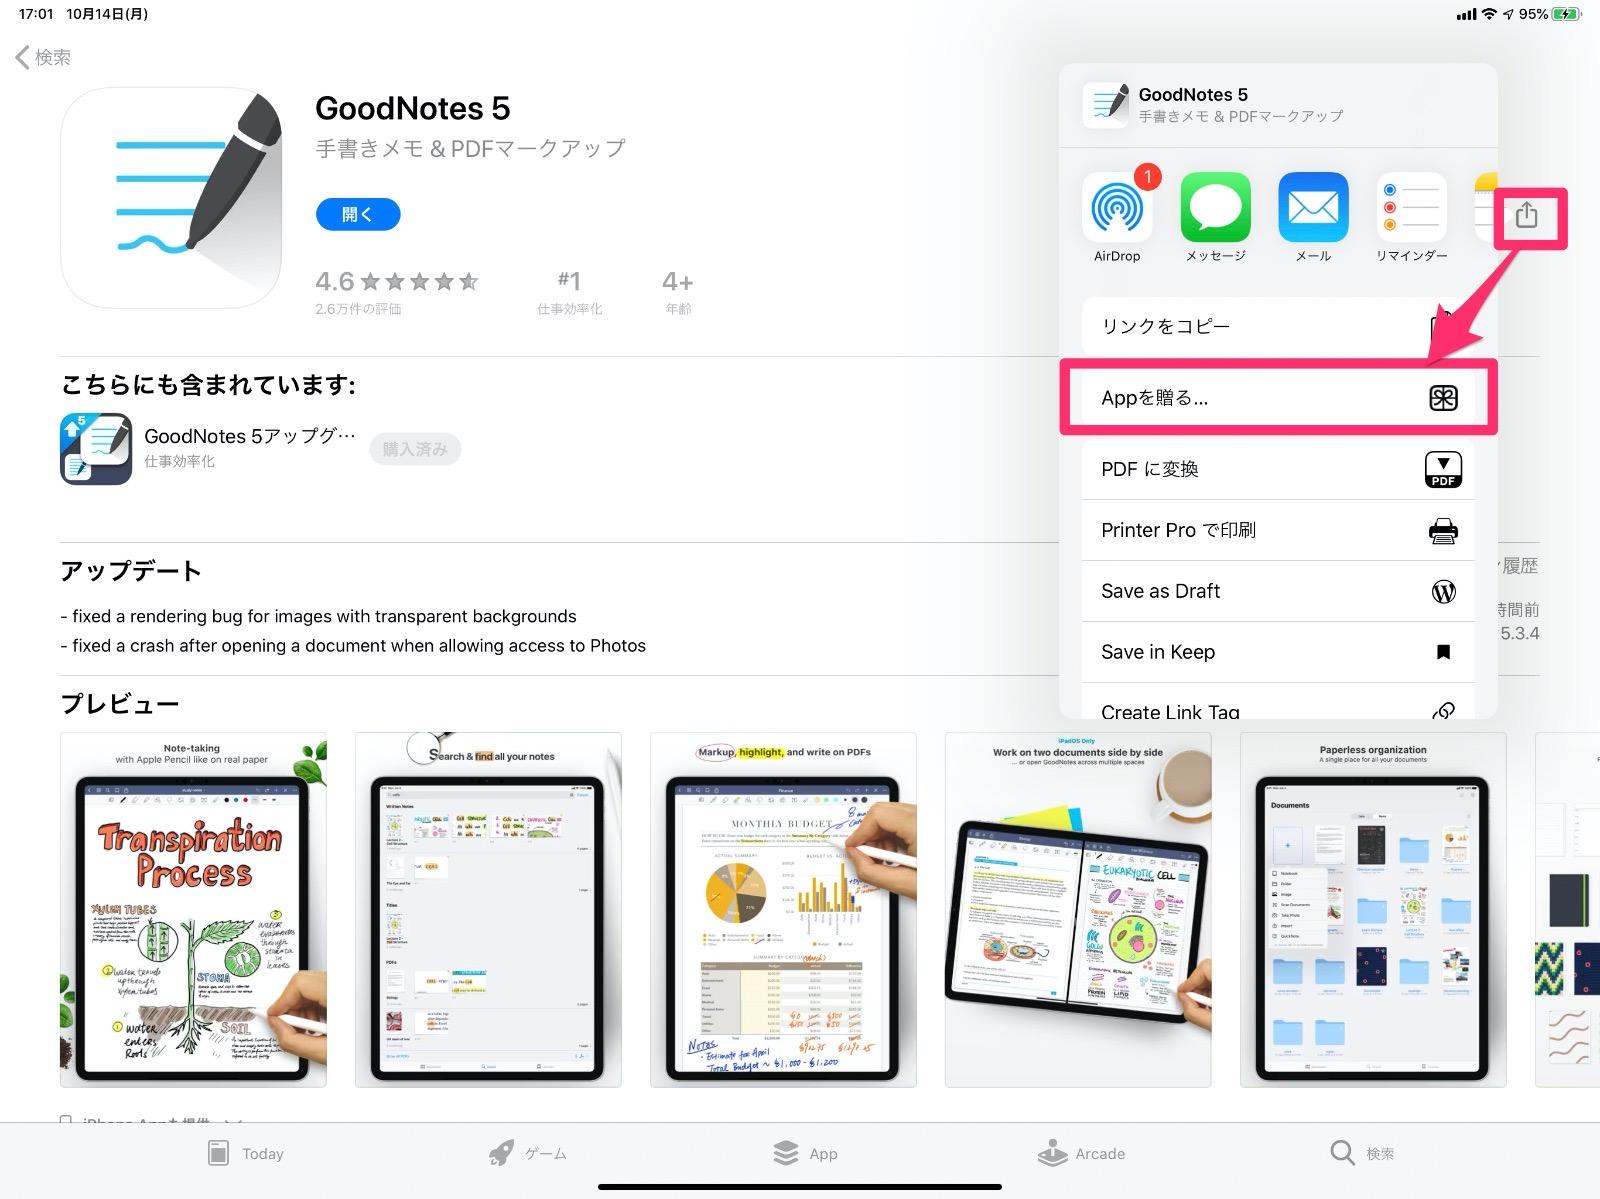 アプリの価格を調べる−3